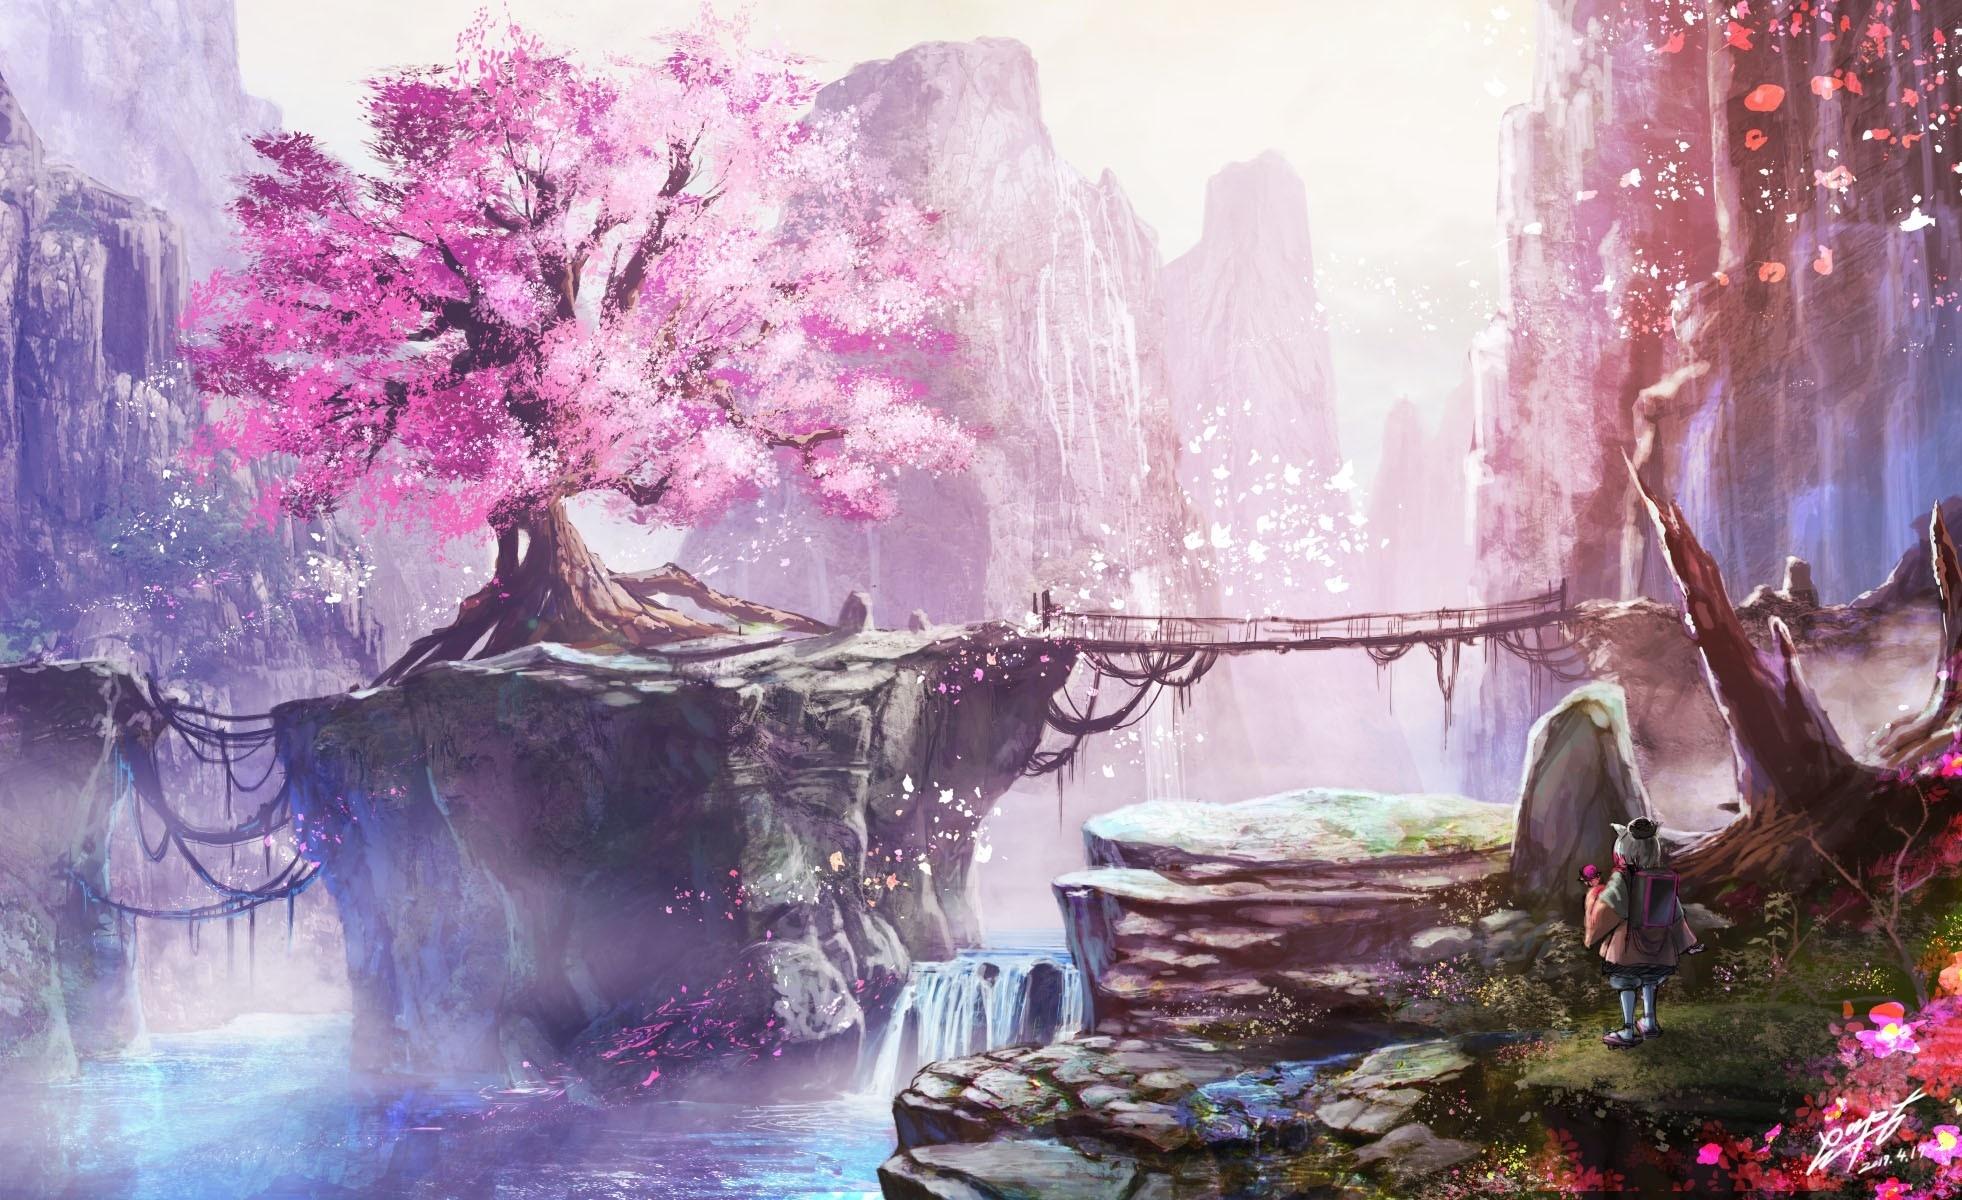 Nature Girl Wallpaper Anime Landscape Cherry Blossom Bridge Waterfall Anime Girl